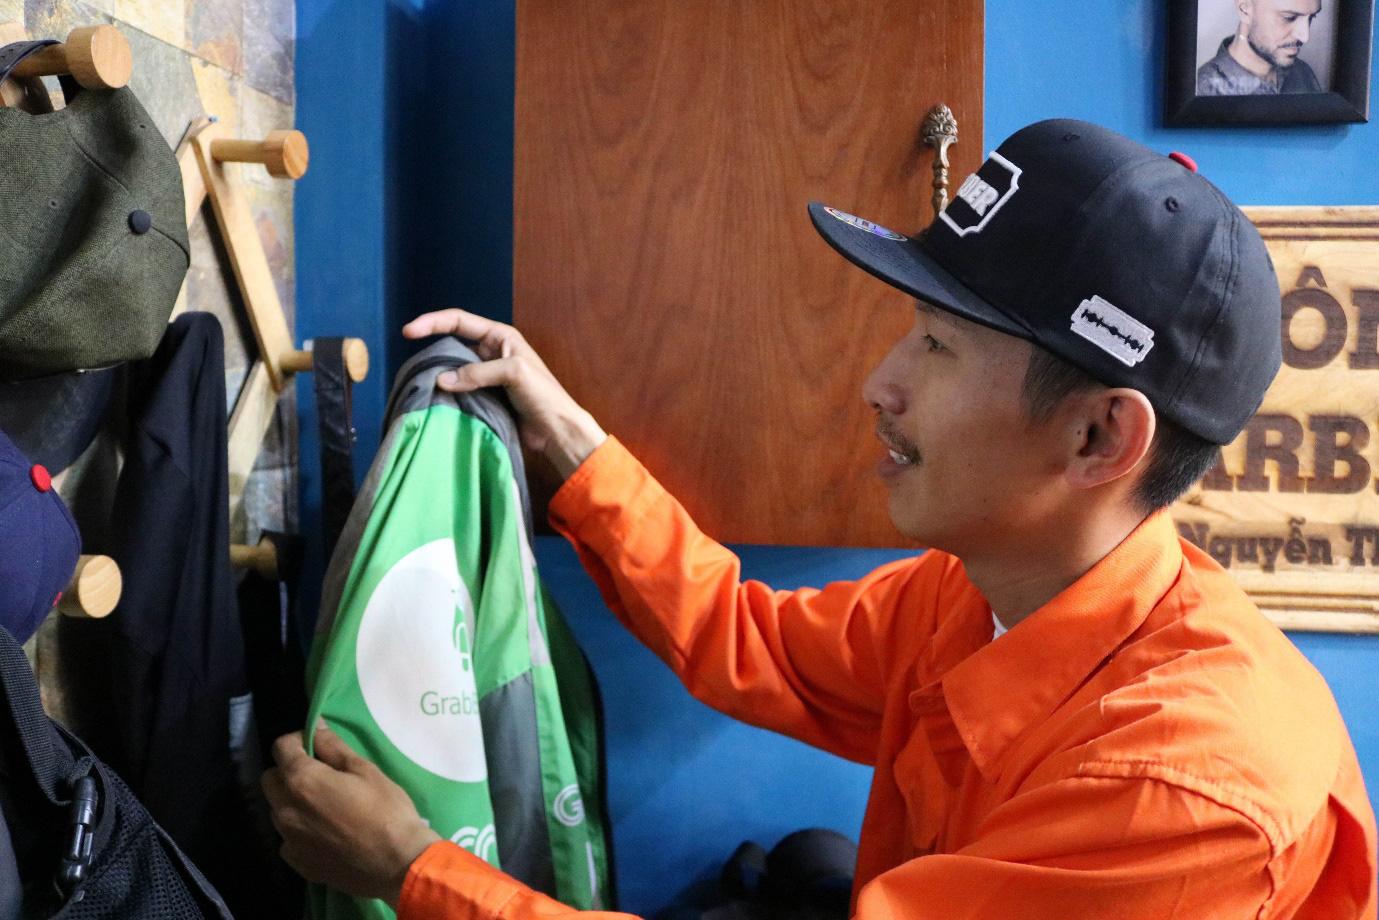 'Ngôi nhà màu cam' hớt tóc miễn phí cho hàng trăm tài xế mỗi ngày ở Sài Gòn - Ảnh 4.